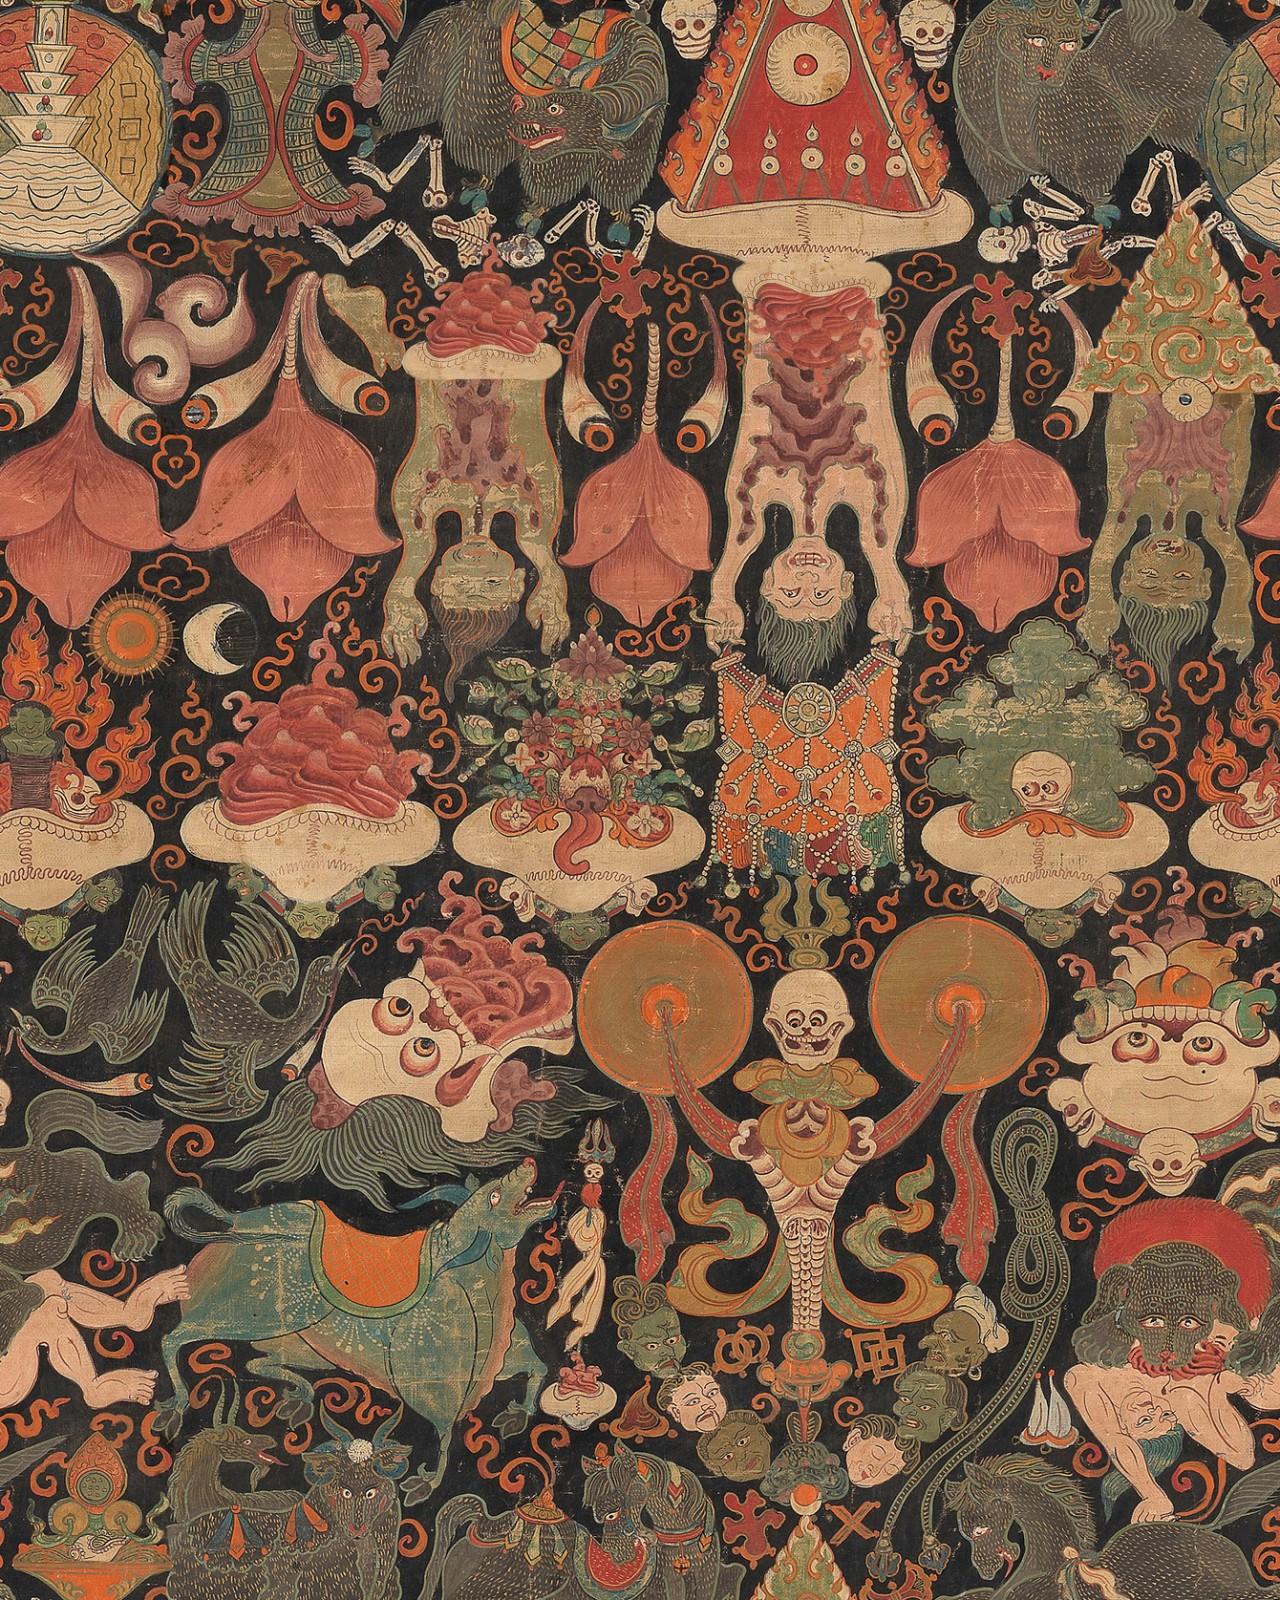 YAMA DHARMARAJA Wallpaper